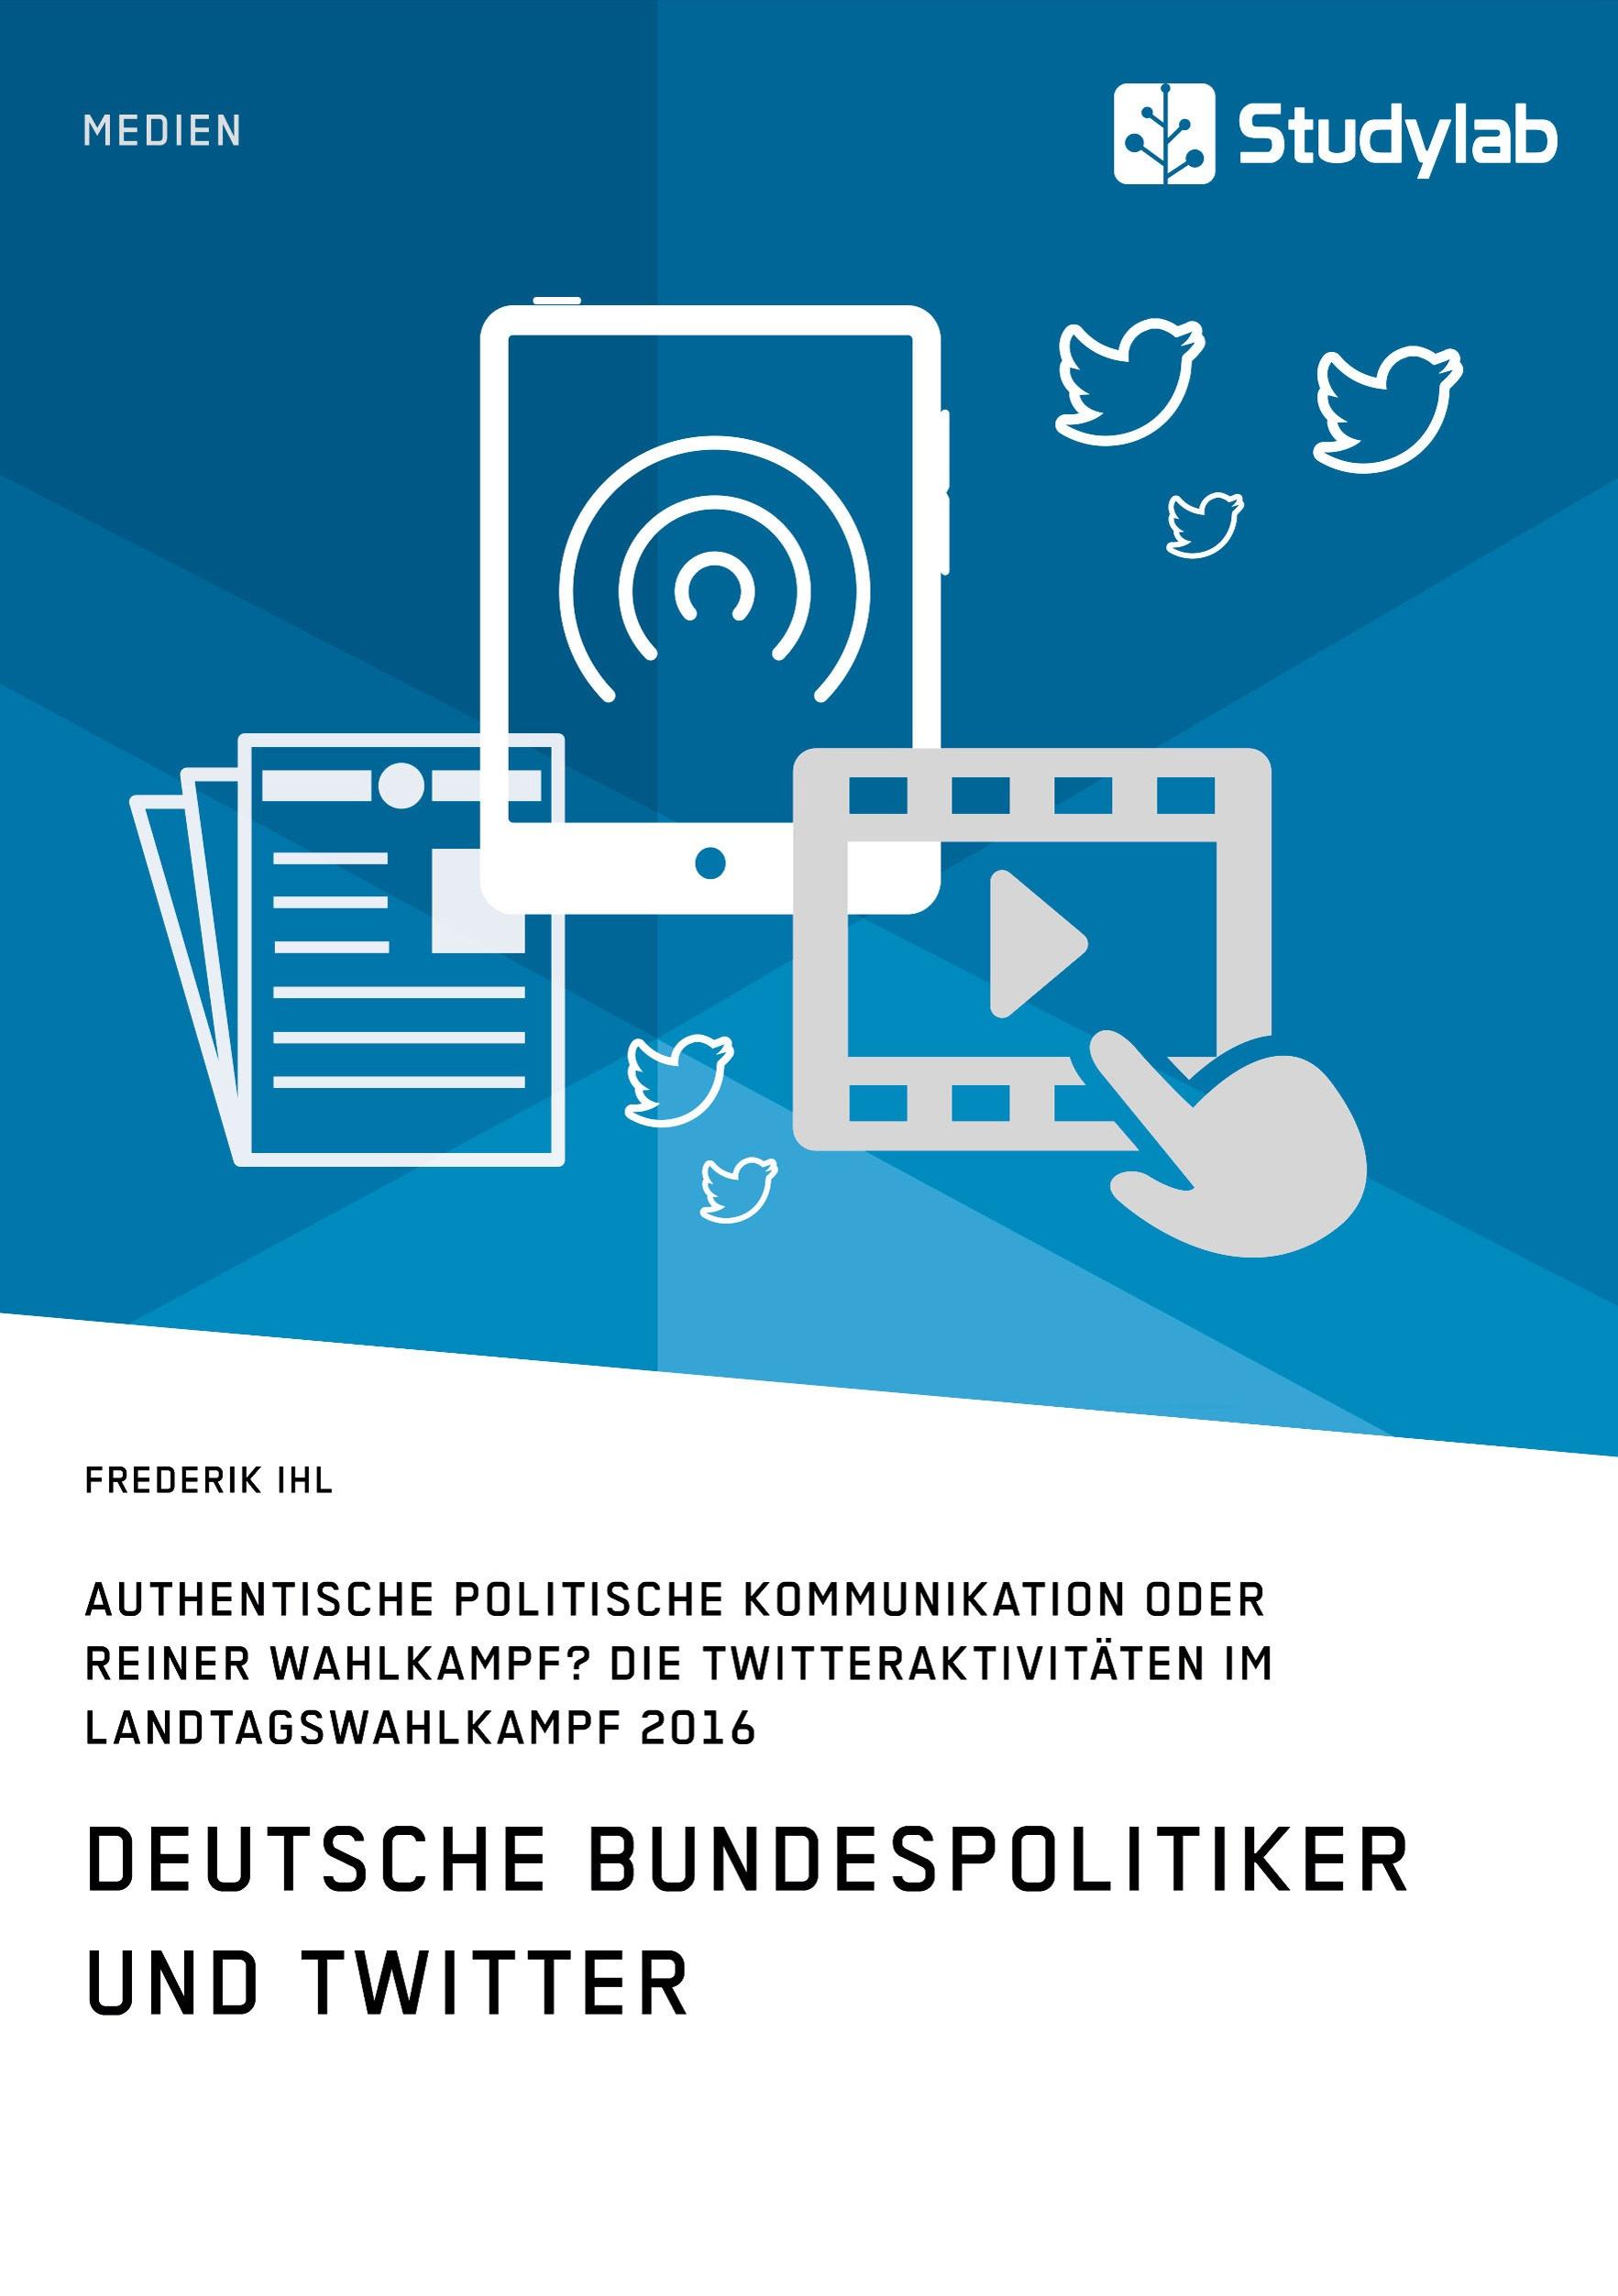 Titel: Deutsche Bundespolitiker und Twitter. Authentische politische Kommunikation oder reiner Wahlkampf?